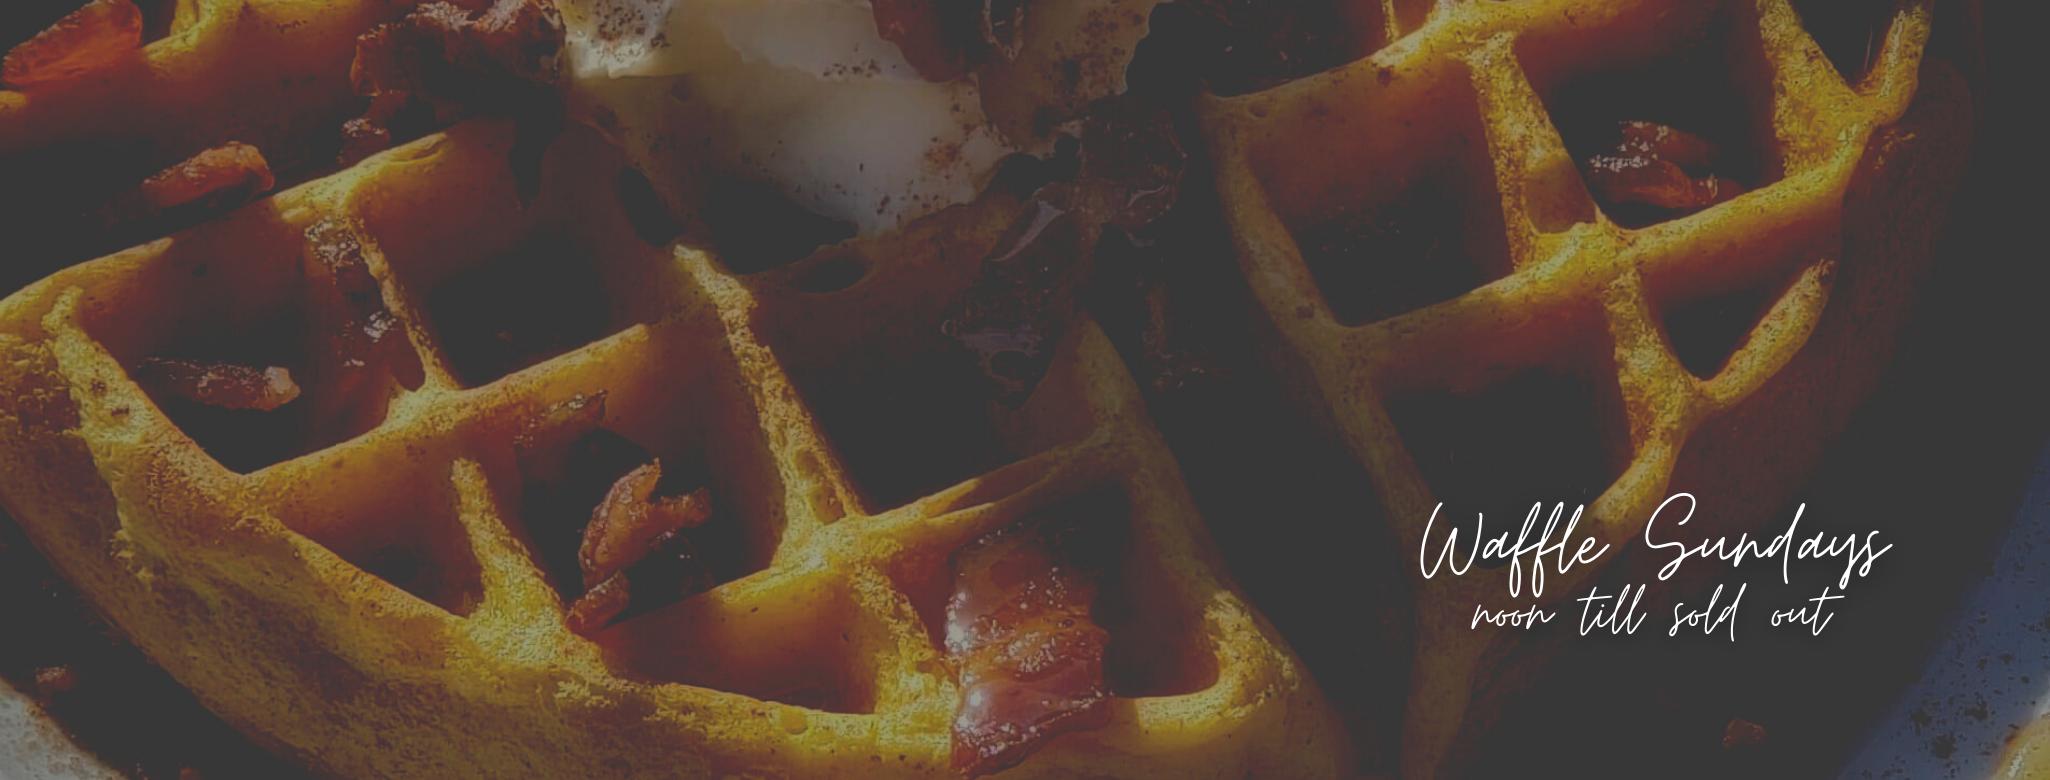 Waffle Sundays